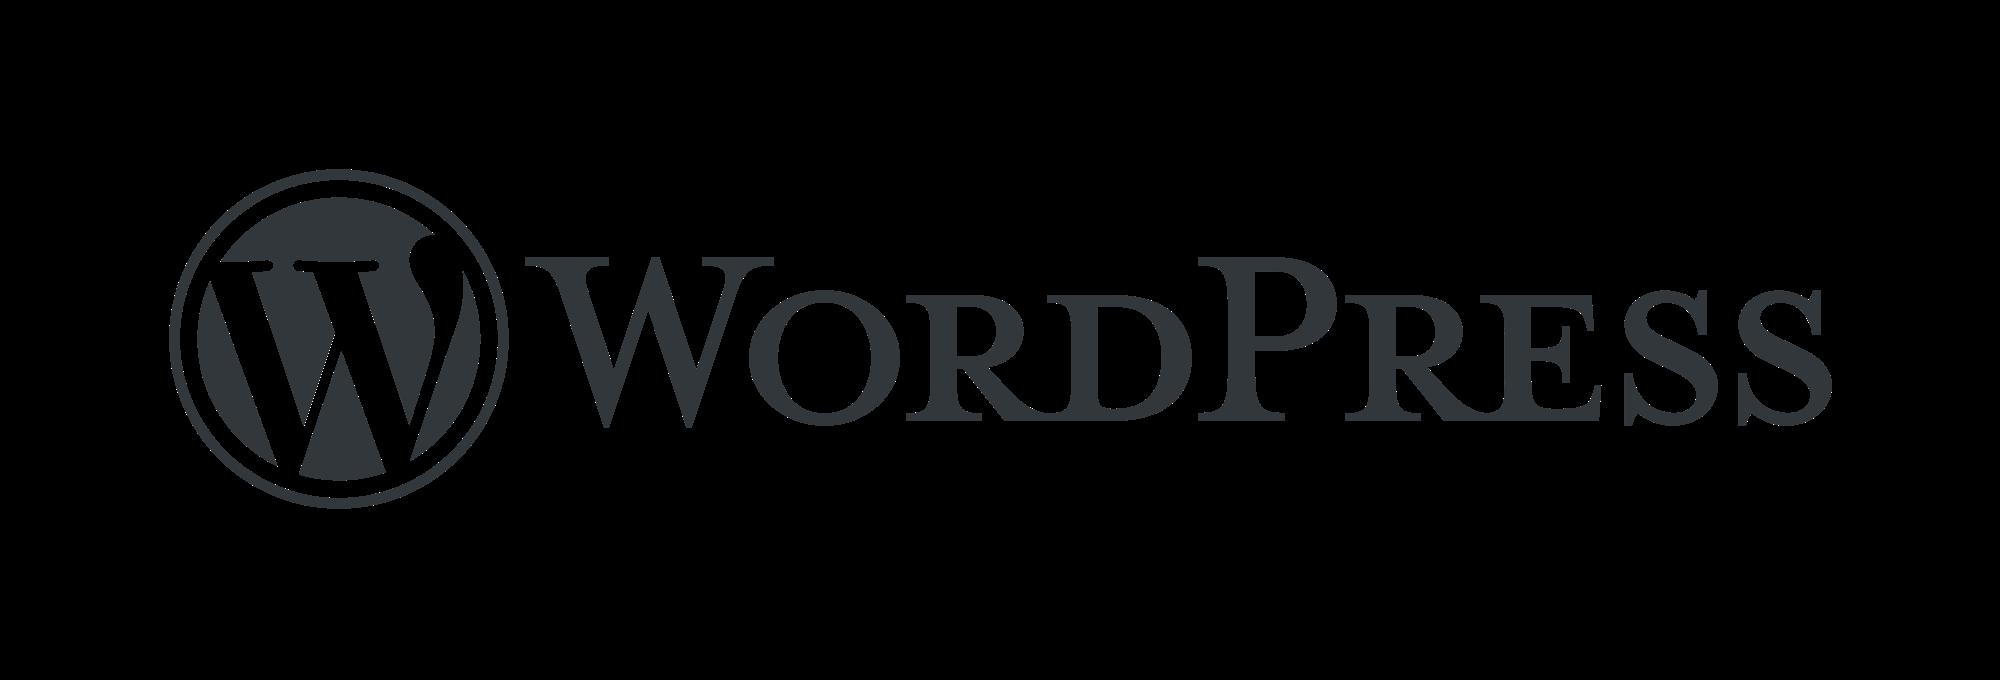 Wordpress Wortbildmarke